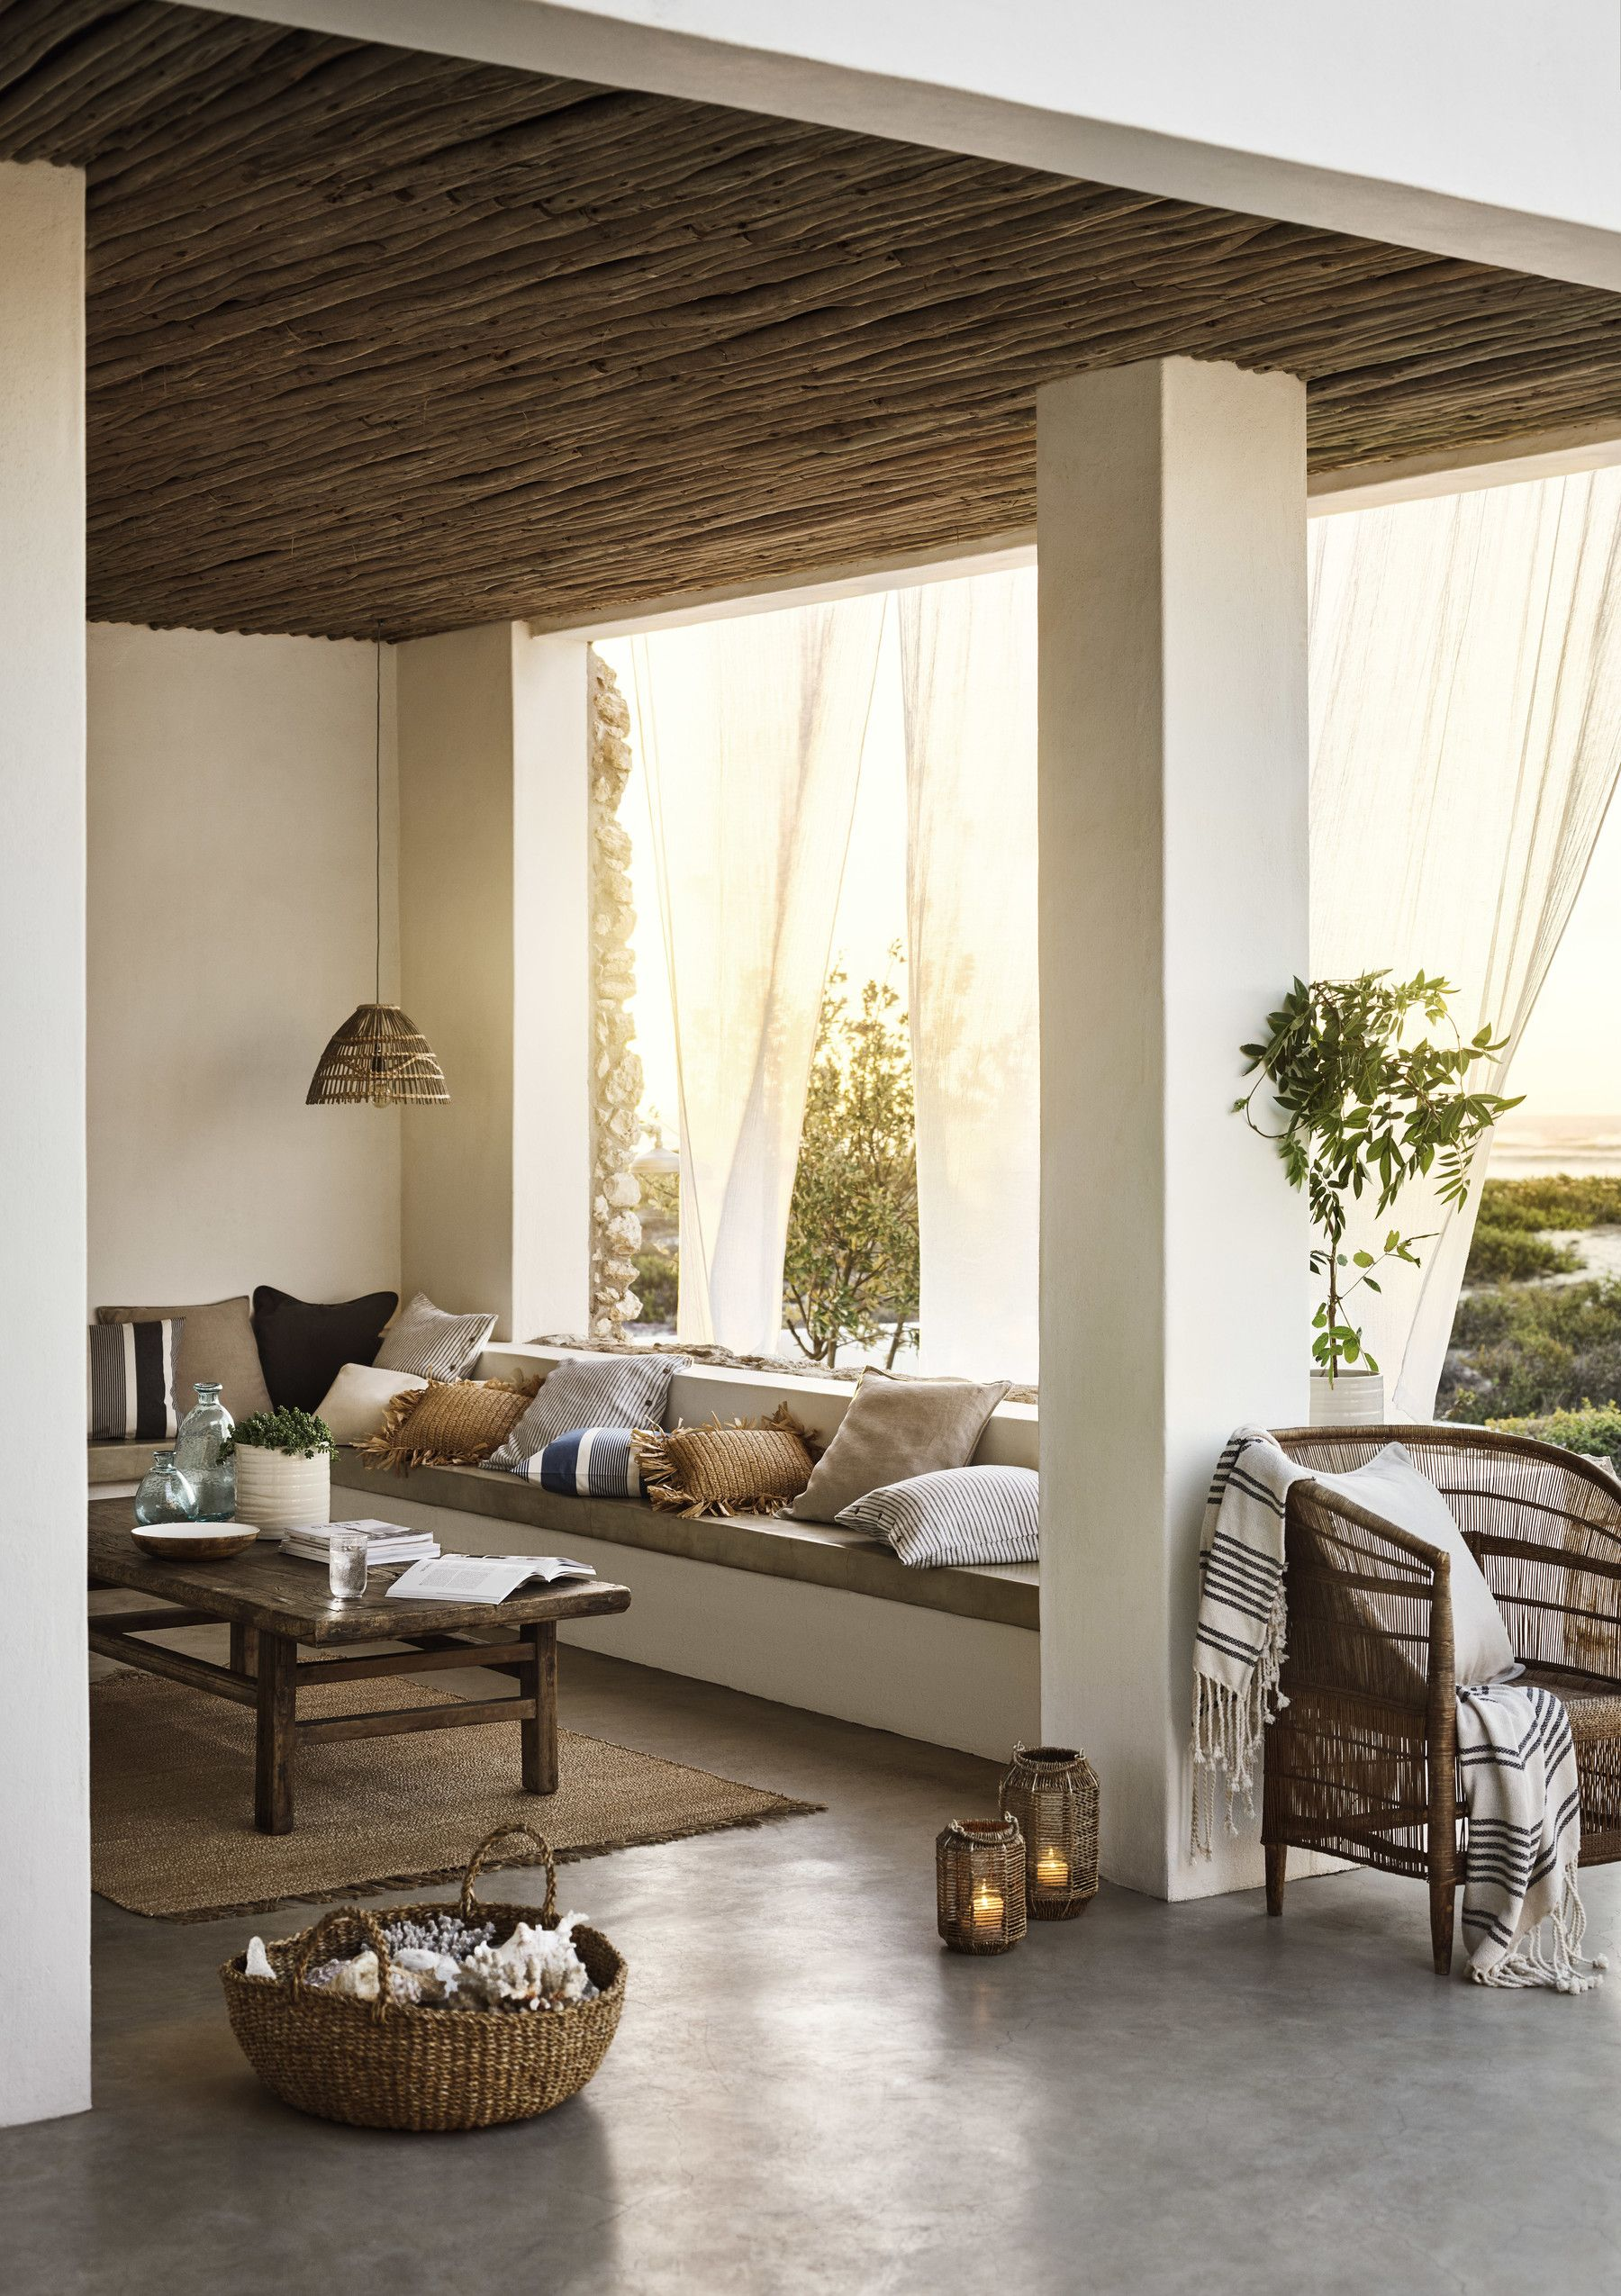 Deco Veranda Interieur interiors – glen proebstel - linkdeco   binnentuin, interieur